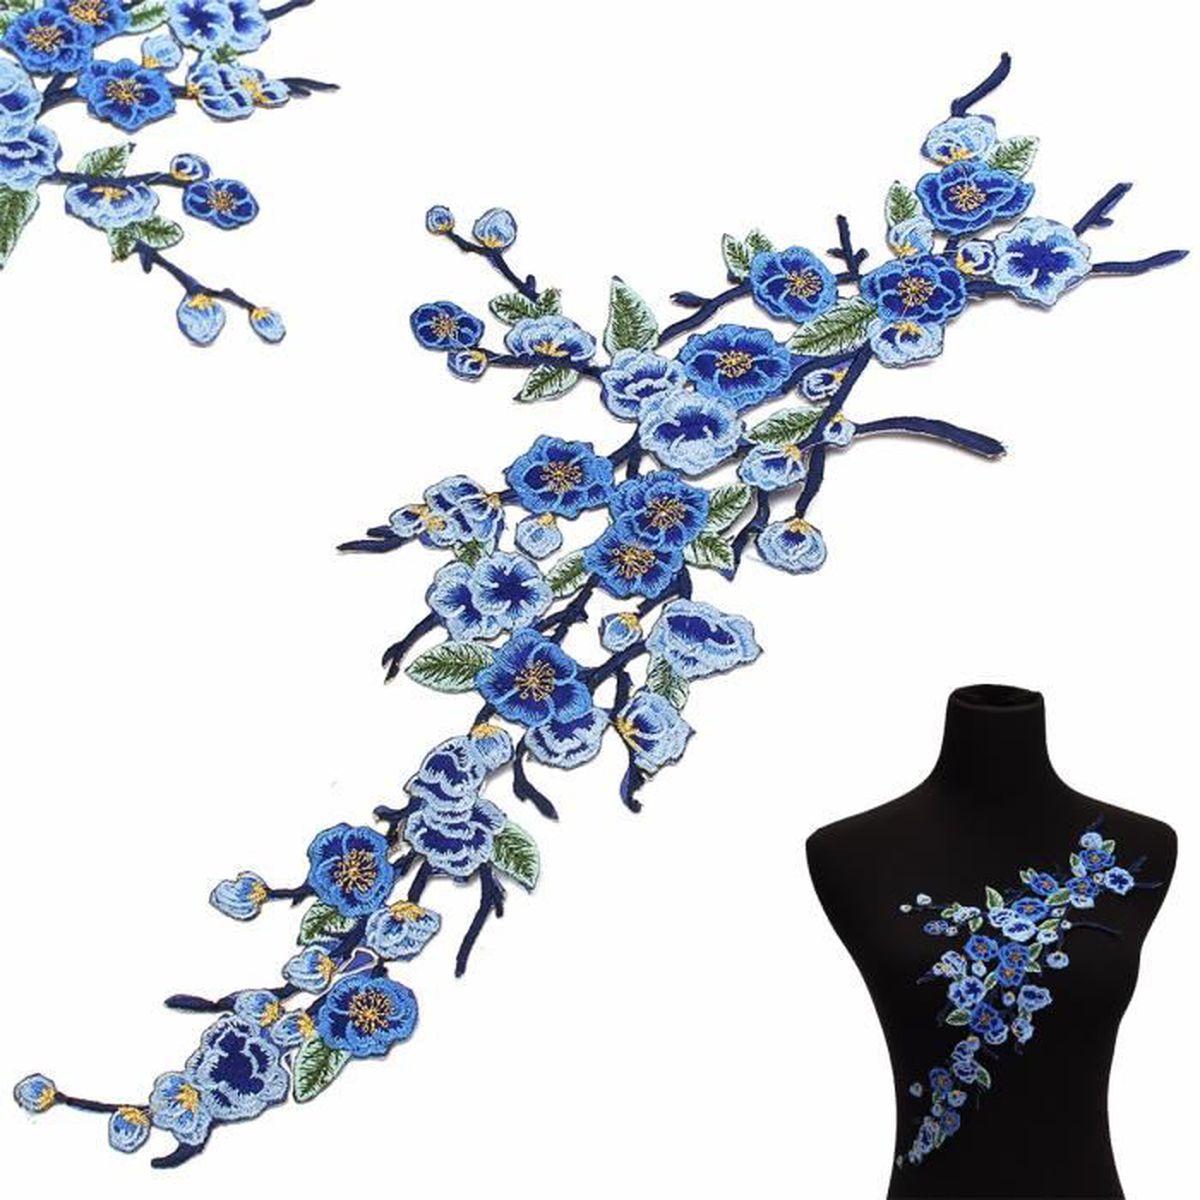 Ecusson thermocollant fleur achat vente ecusson for Achat de fleurs